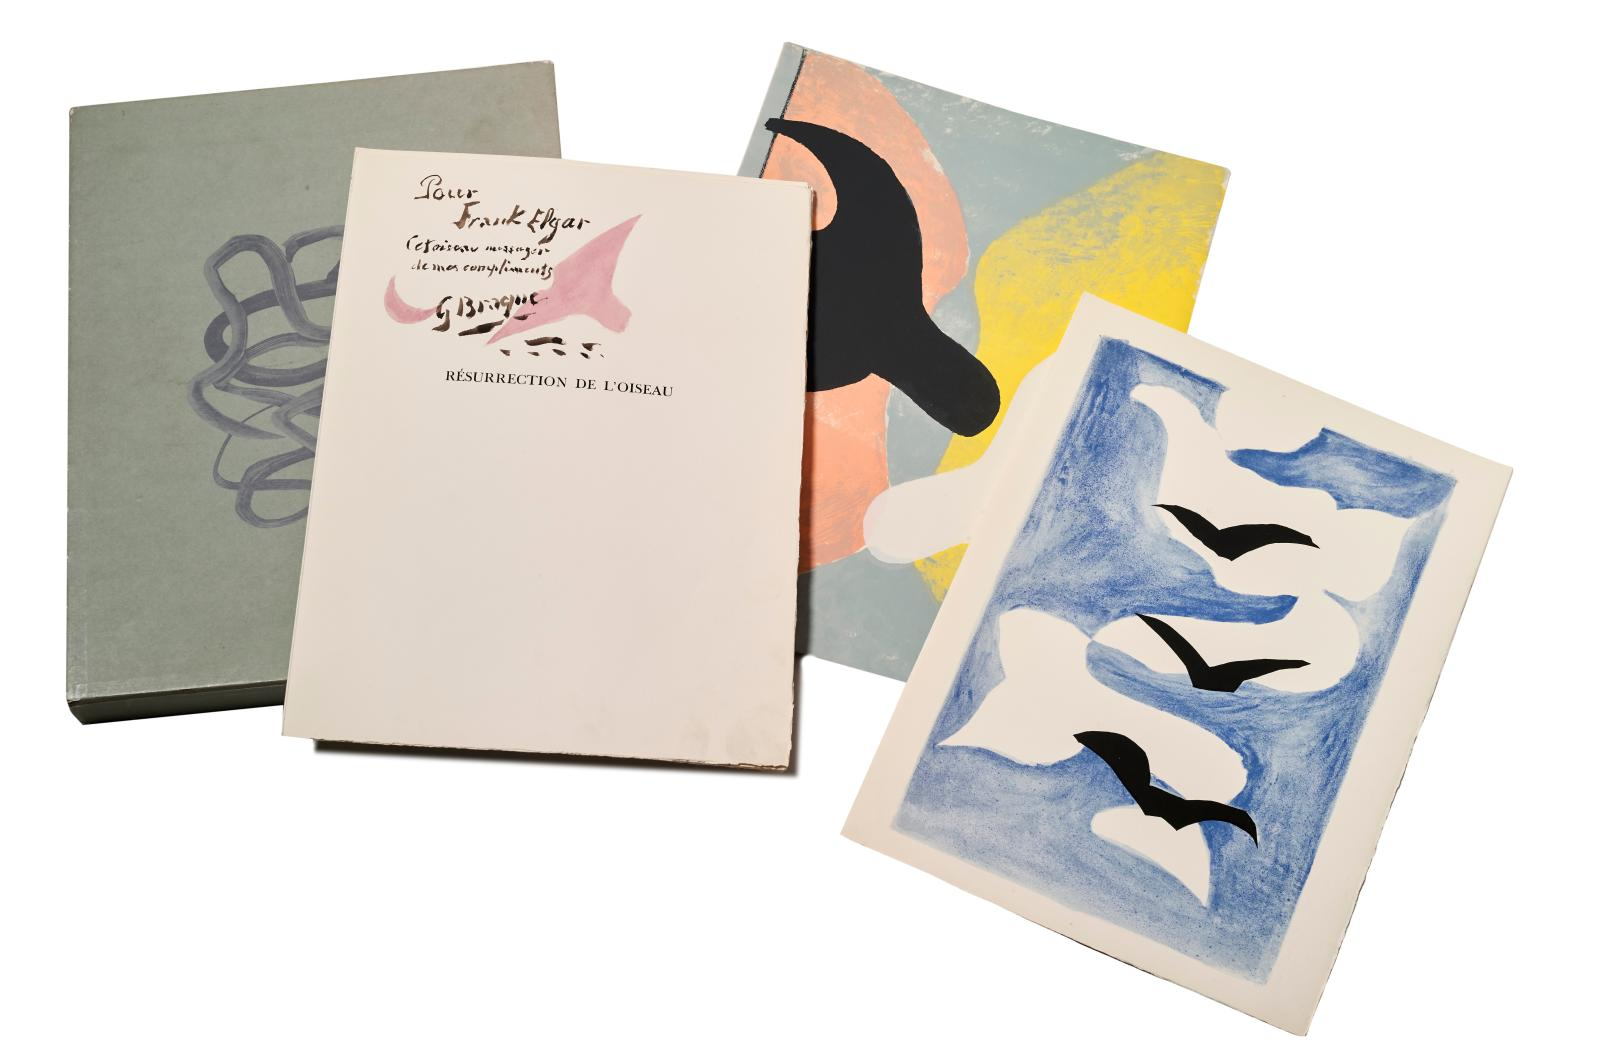 Frank Elgar (1899-1978), Résurrection de l'oiseau (Resurrection of the Bird) , Maeght Éditeur Paris, 1958, illustrations by Georges Braque